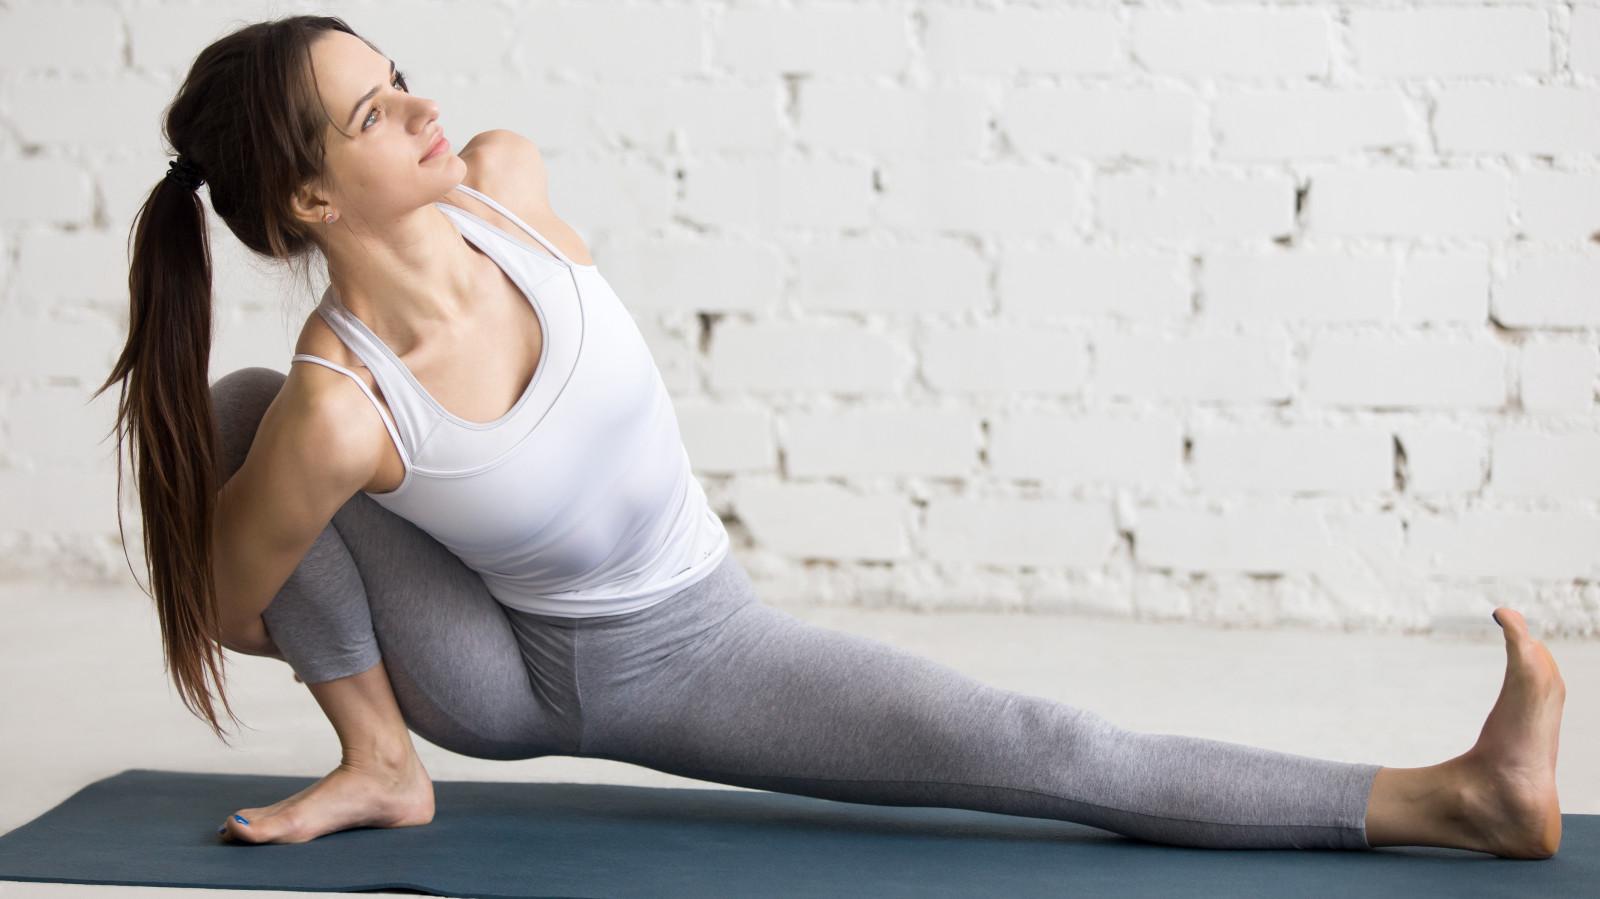 wallpaper : sports, women, model, brunette, barefoot, sitting, yoga